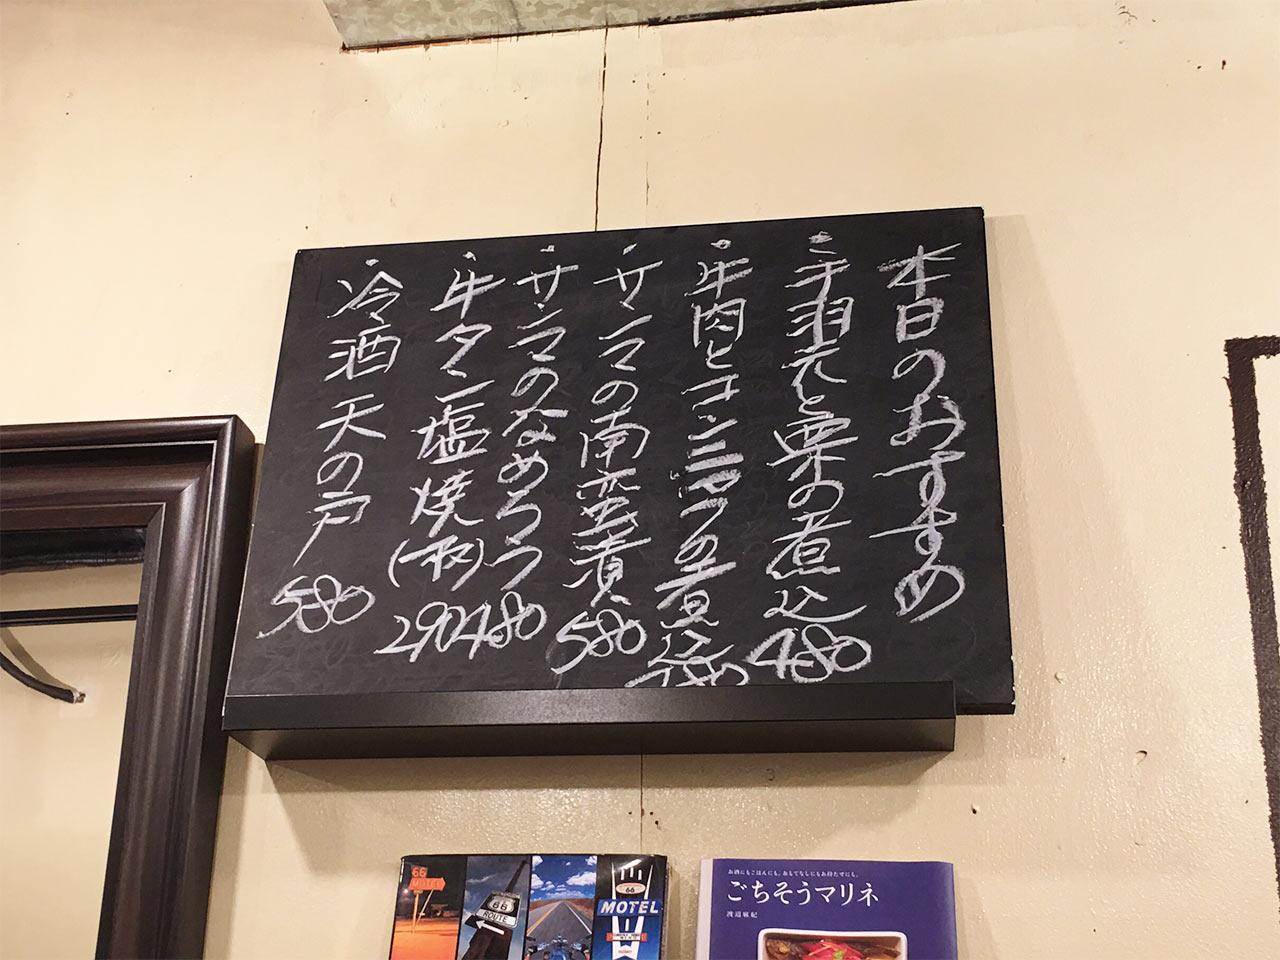 武蔵小山の餃子屋ふく肉のおすすめメニュー